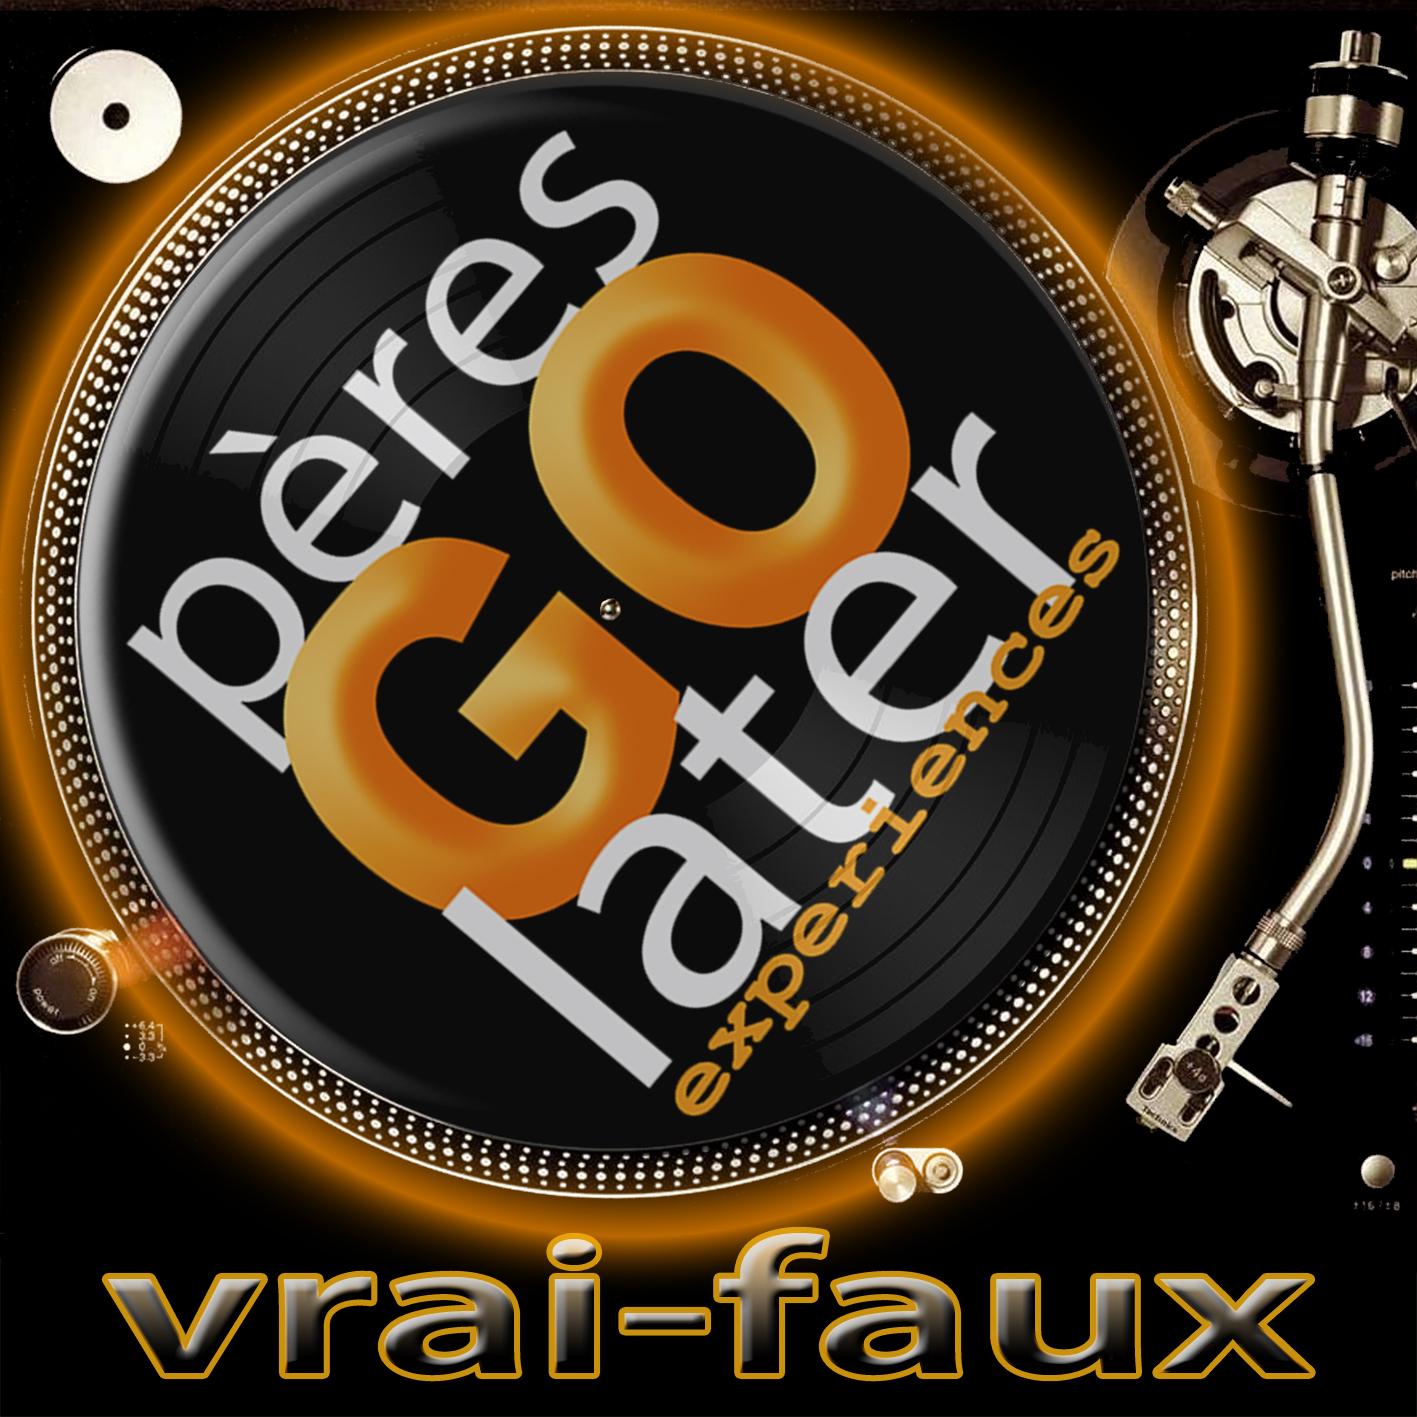 Vrai_-_Faux_face_textev1_1212-1526925512.jpg